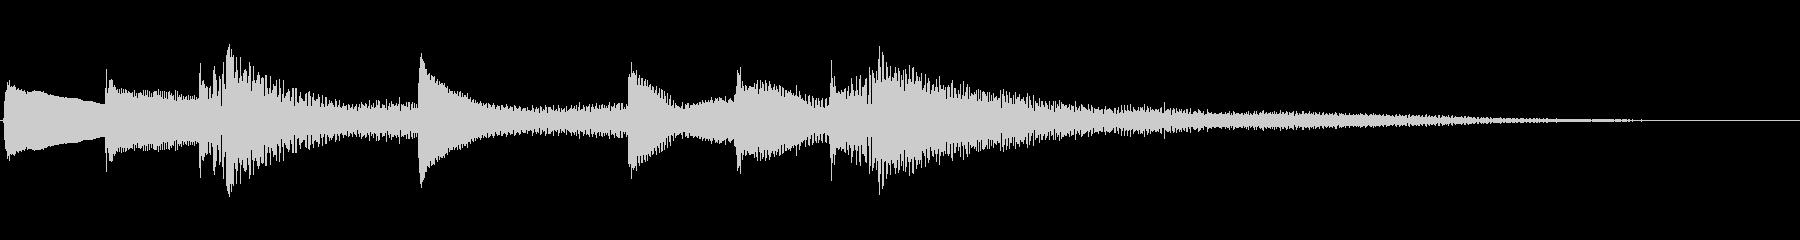 【生演奏】落ち着きのあるピアノジングルの未再生の波形